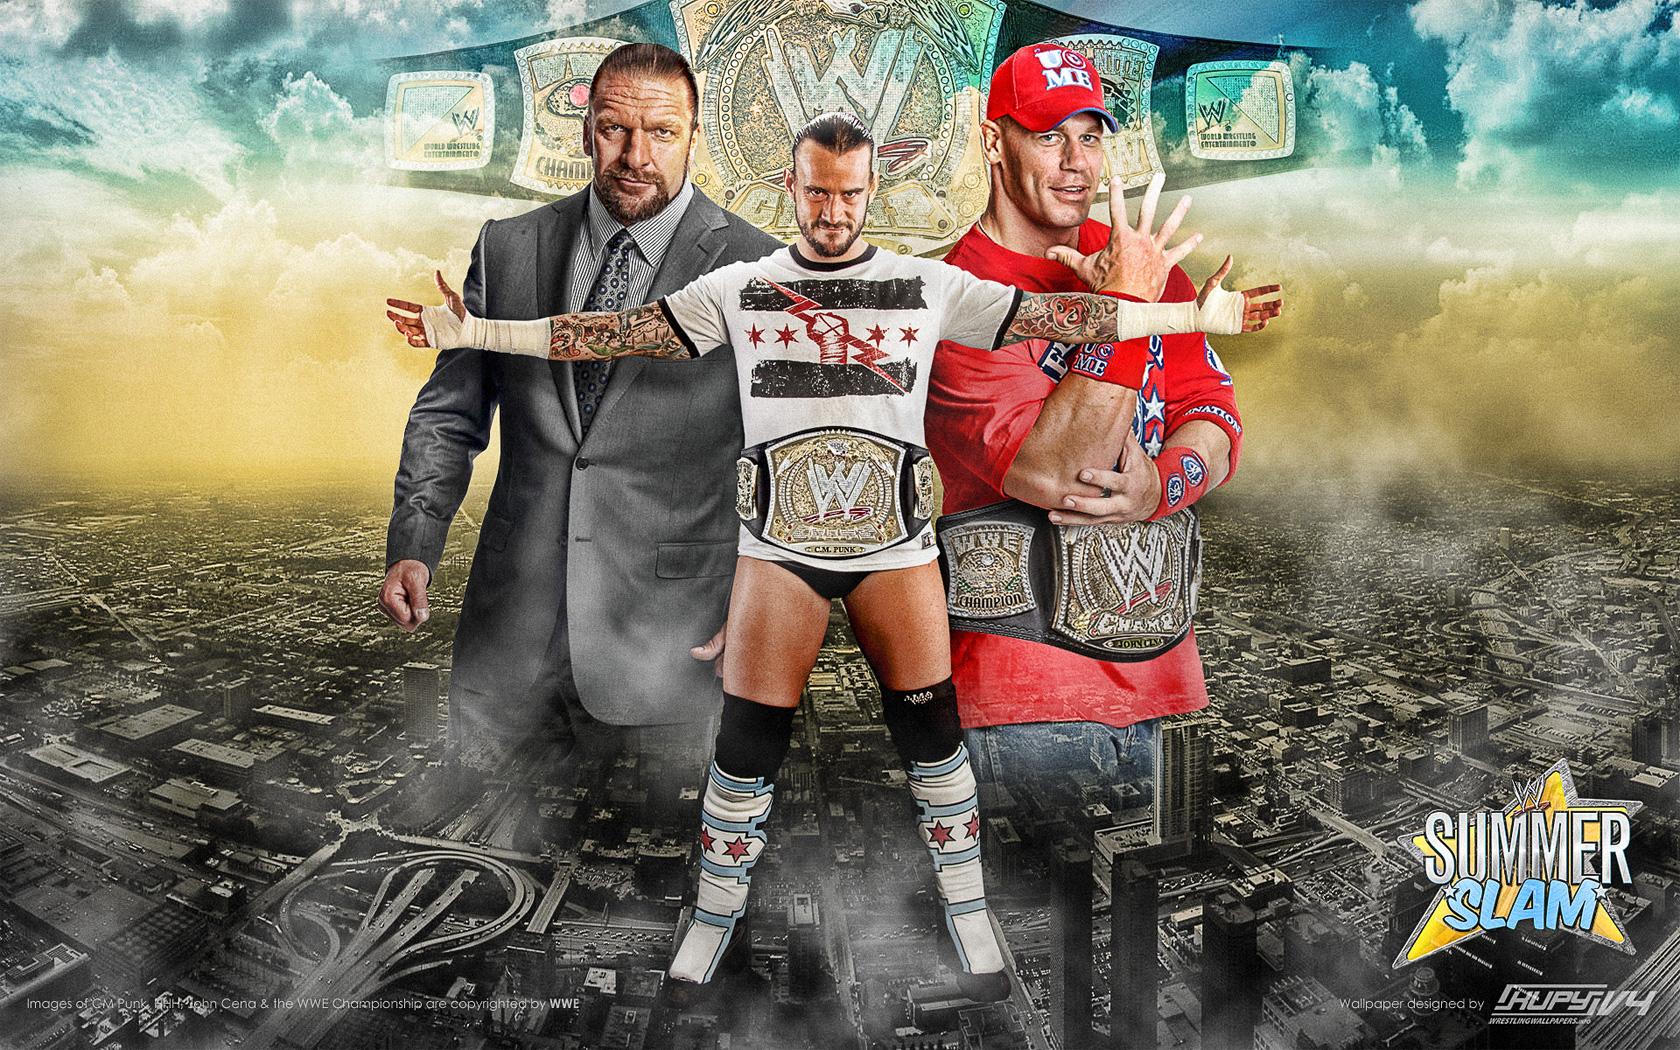 Wwe Summerslam 2011 Cm Punk Vs John Cena Undisputed Wwe